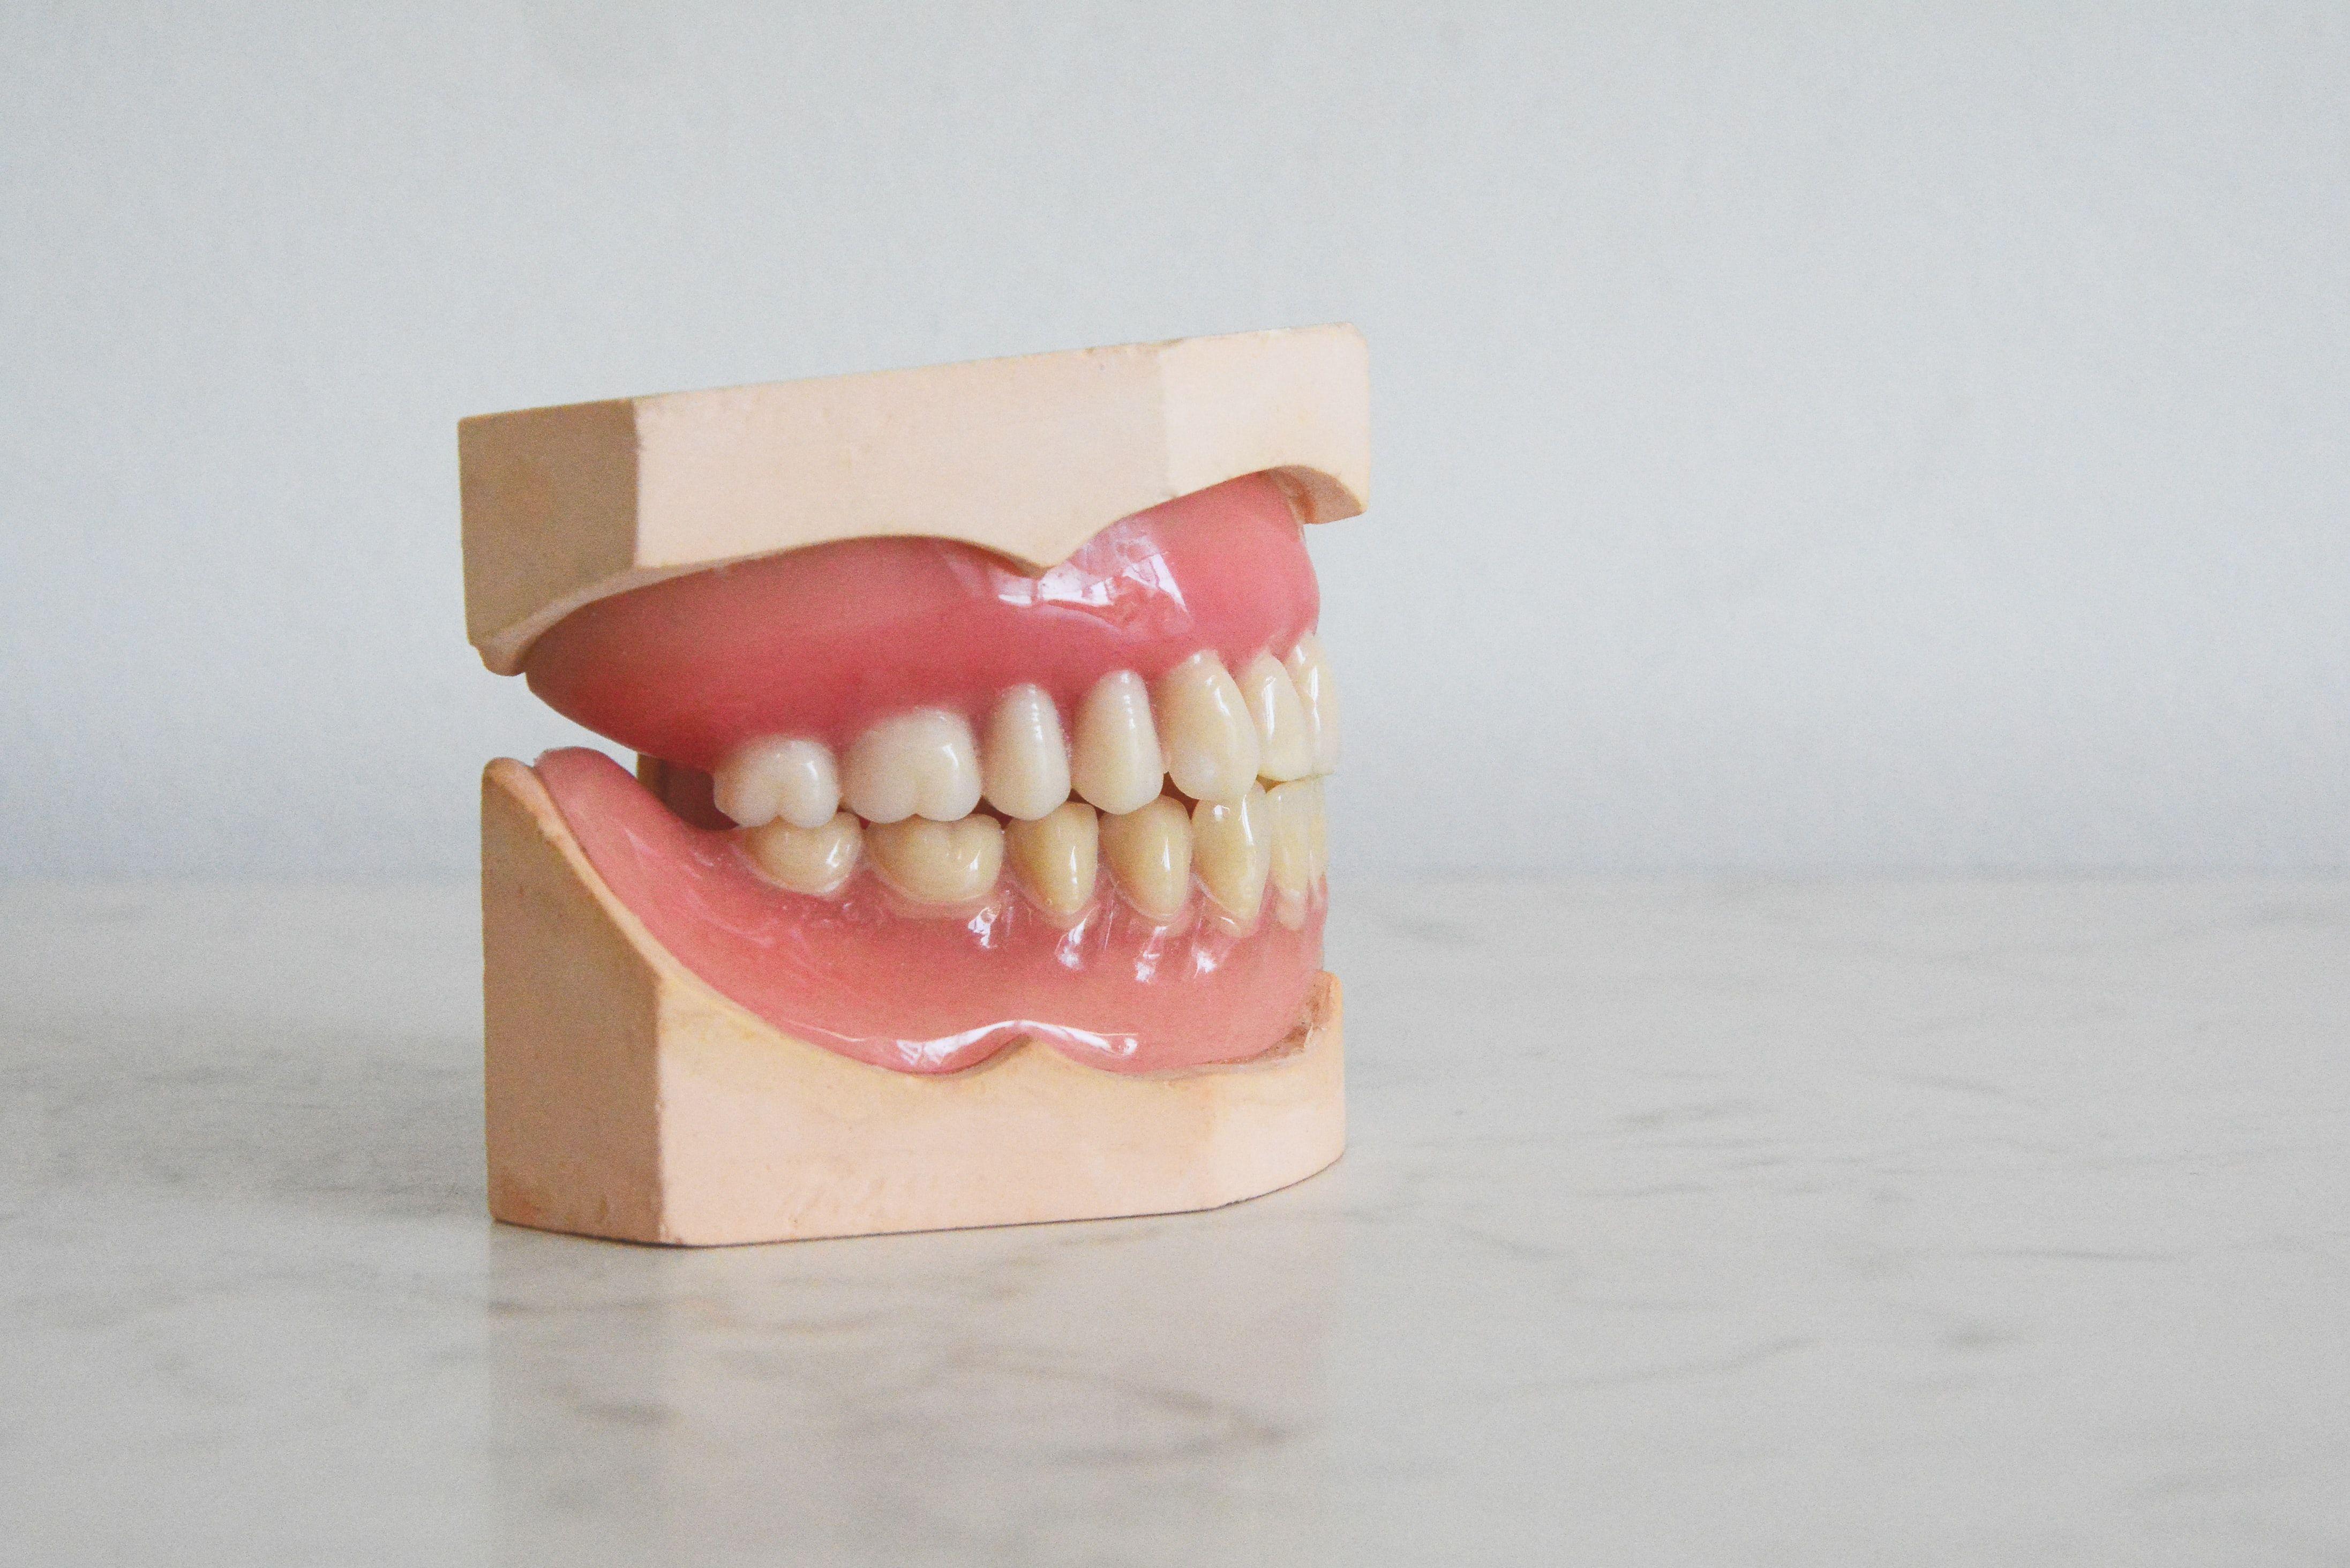 Protezai, vaizduojantys netaisyklingą sąkandį